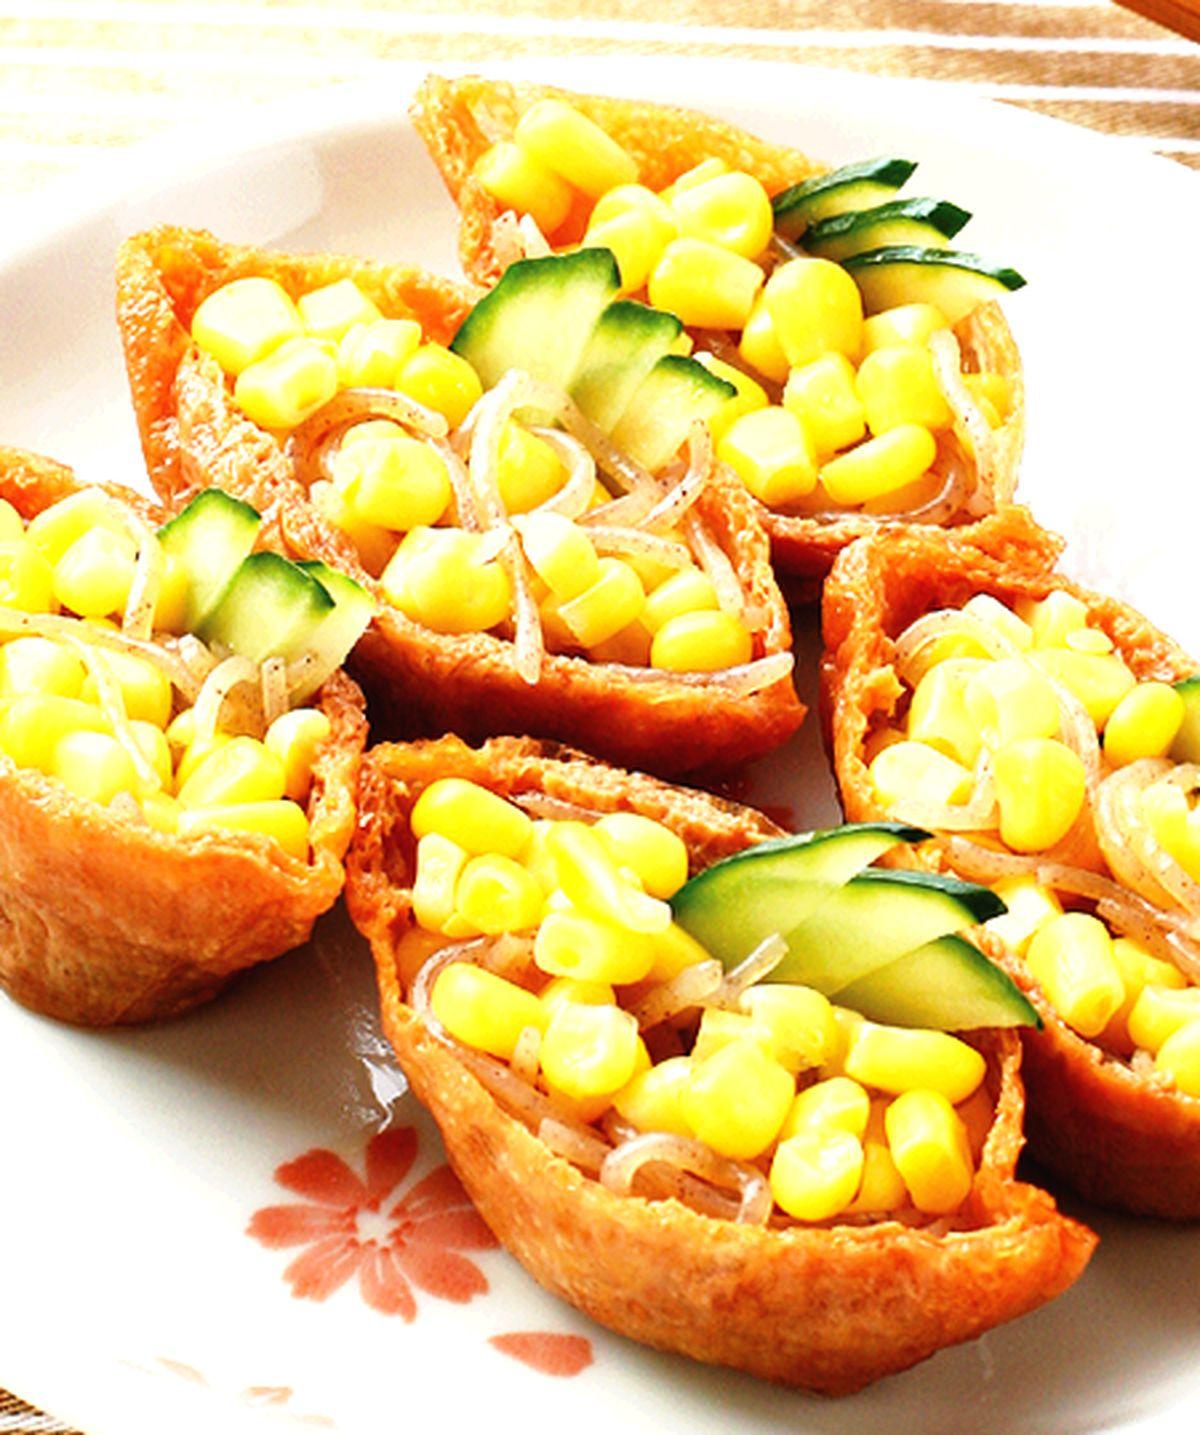 食譜:玉米稻禾